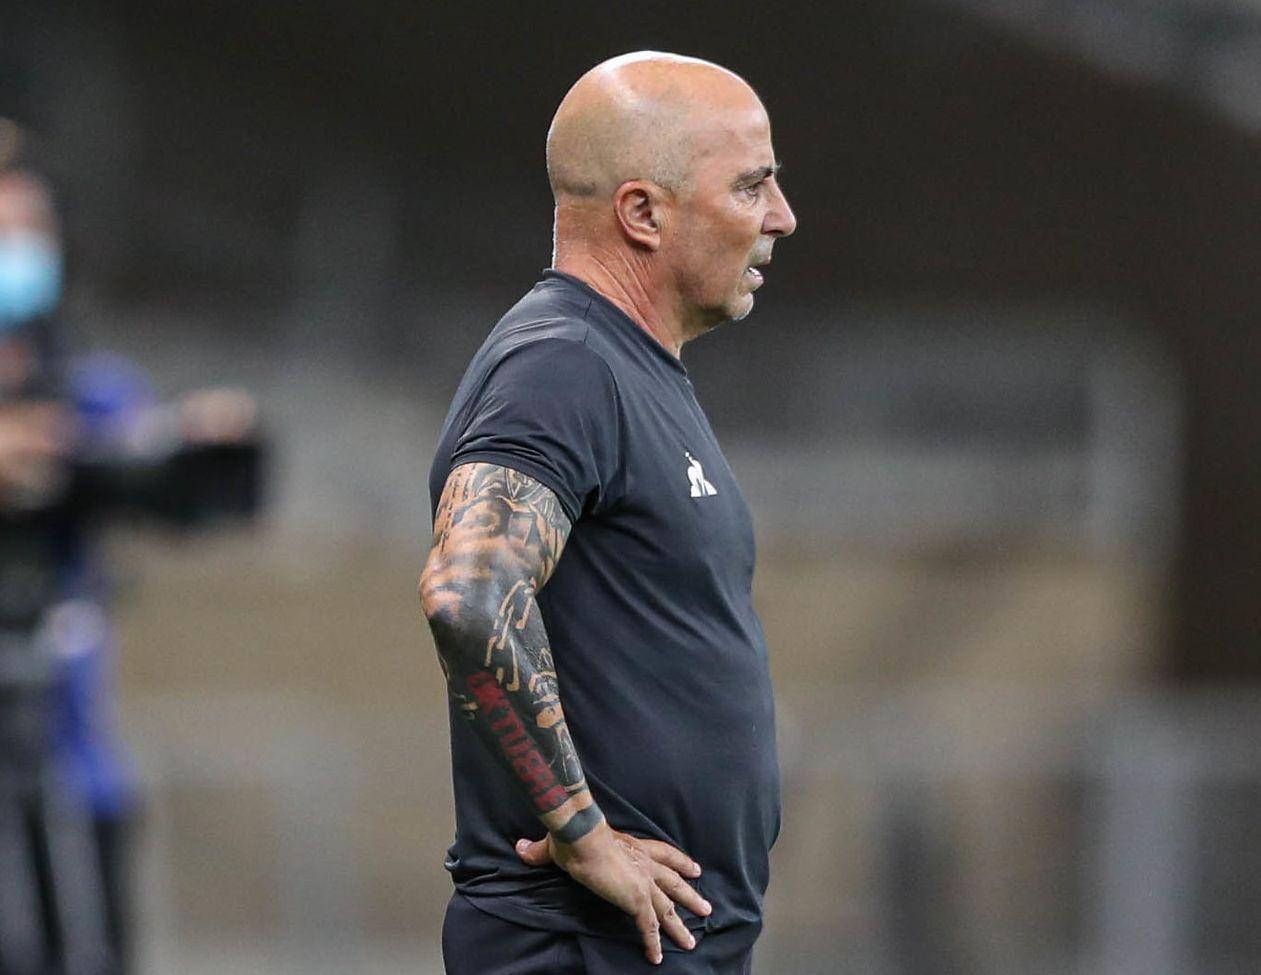 Técnico argentino deixou o Brasil após duas temporadas dirigindo Santos e Atlético. Foto: Pedro Souza/Atlético